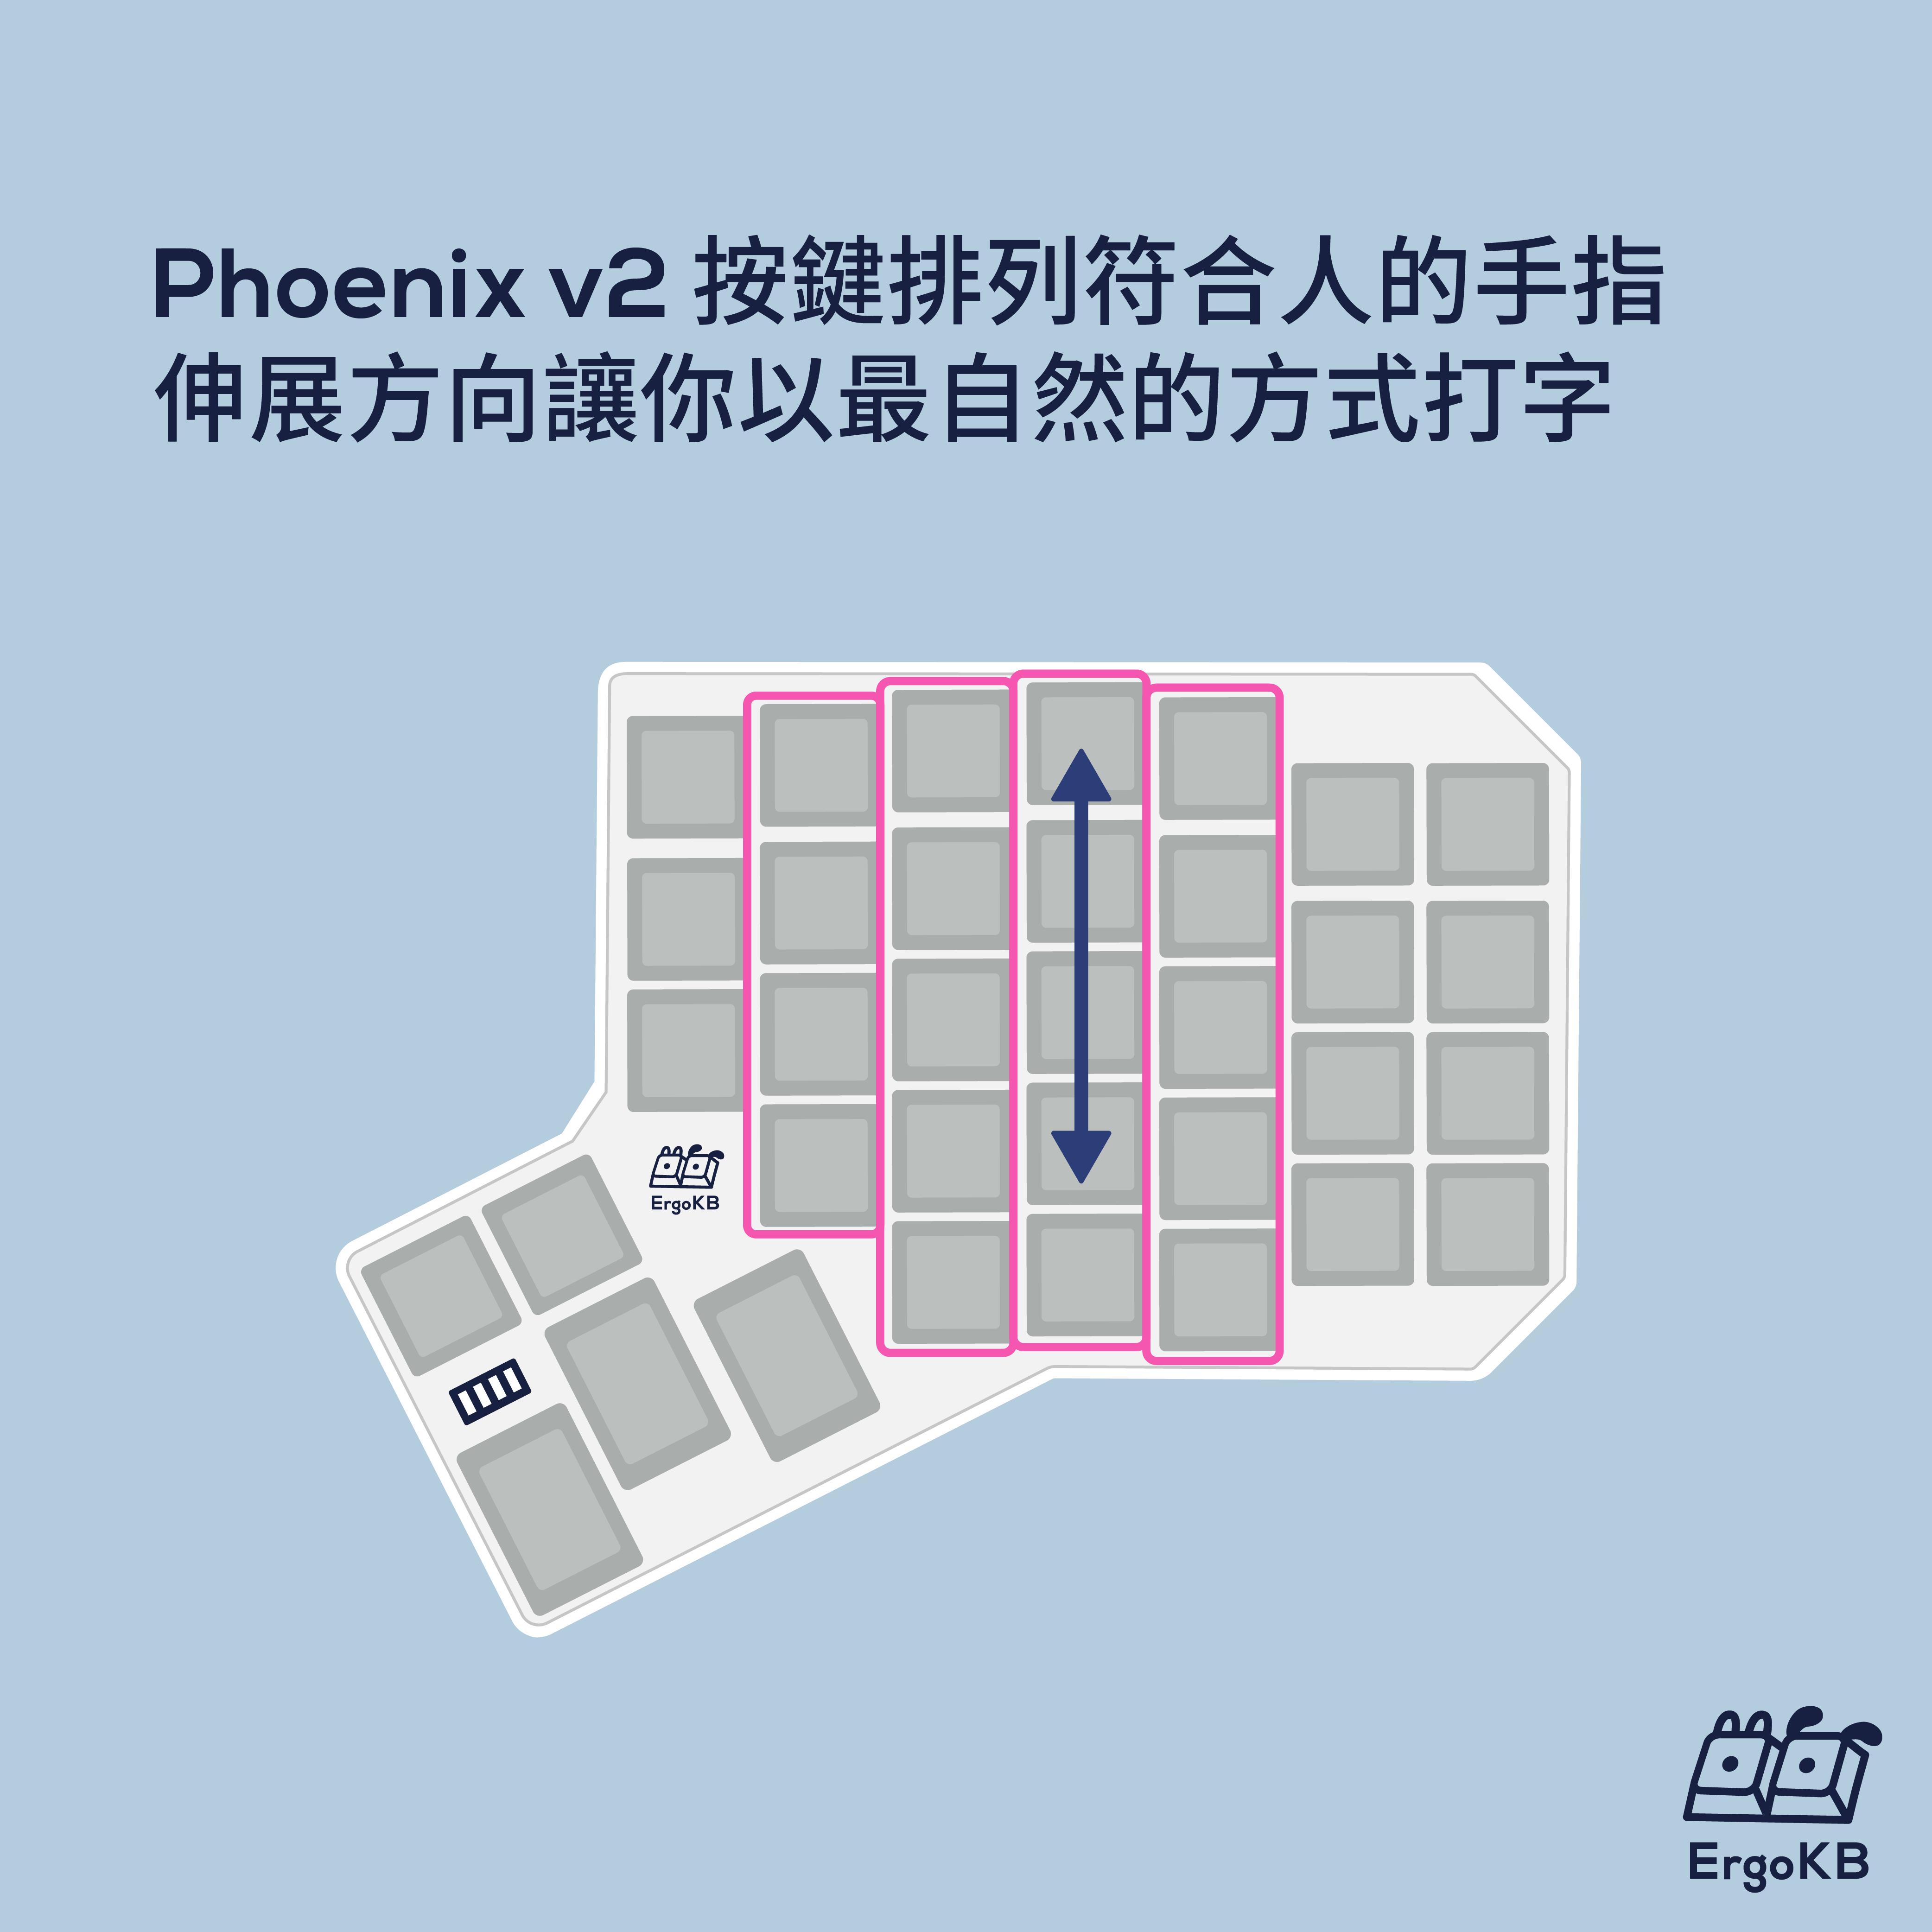 Phoenix 按鍵排列符合人的手指伸展方向,讓你以最自然的方式打字